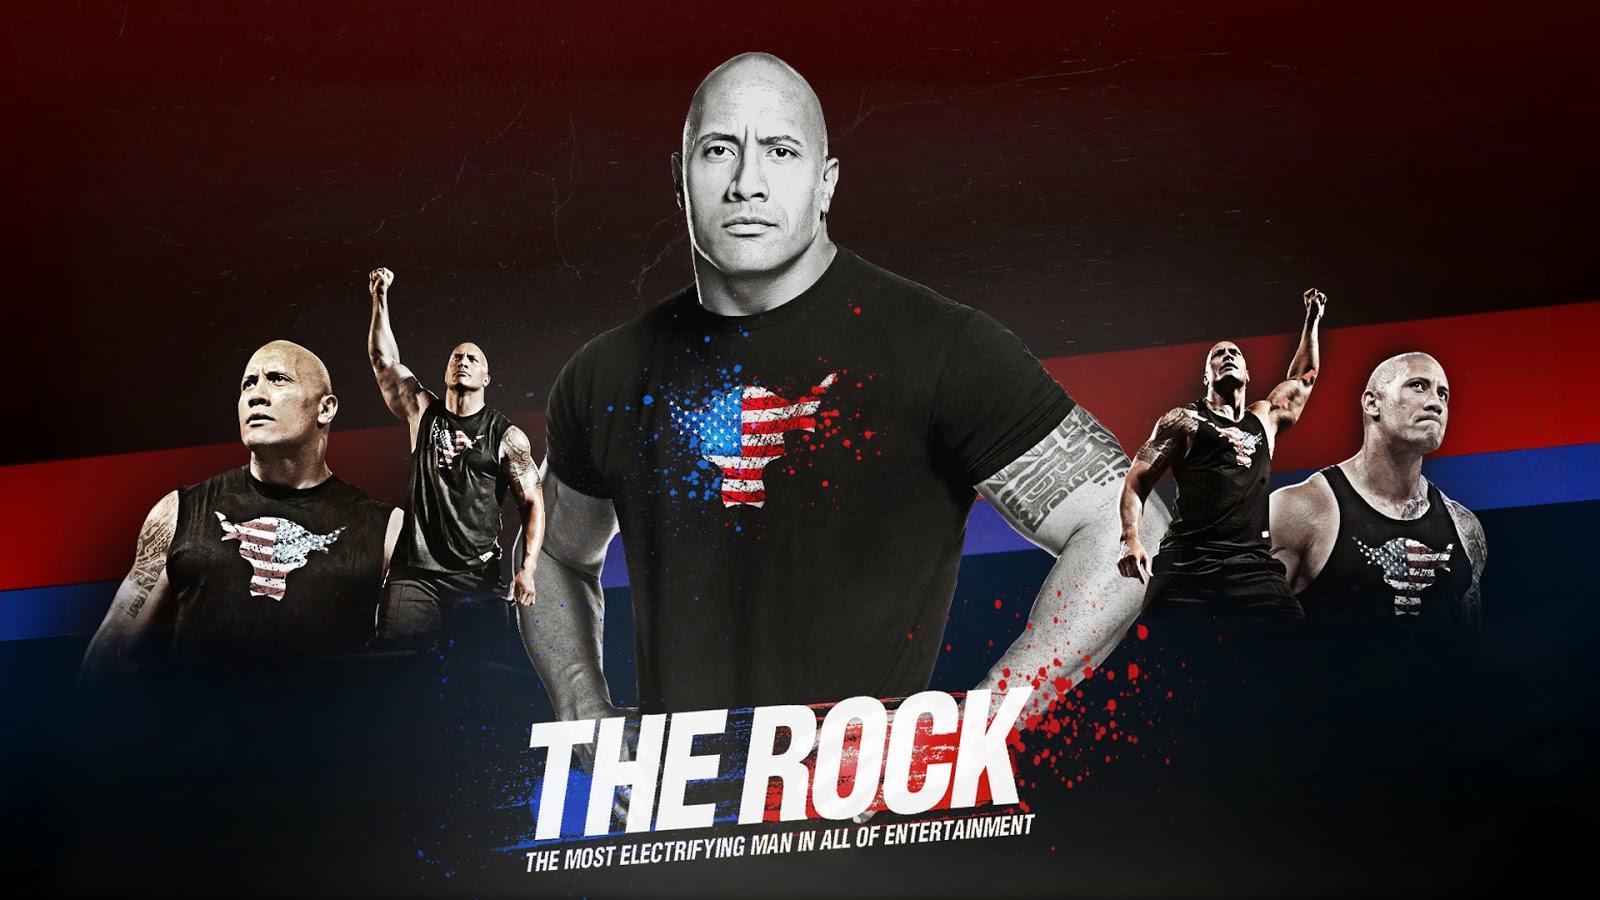 The Rock WWE Wallpaper 2014 15